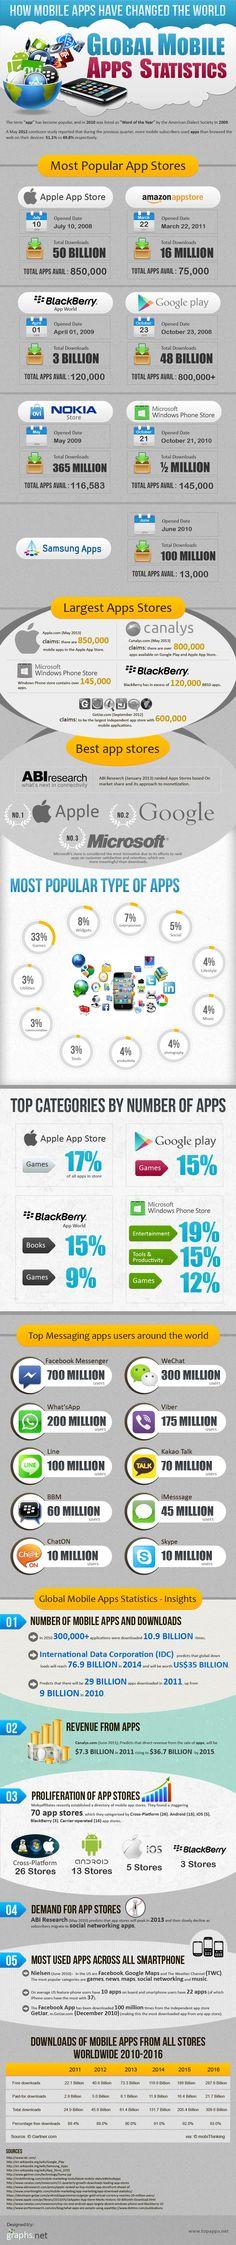 Come le #App mobile hanno cambiato il mondo!